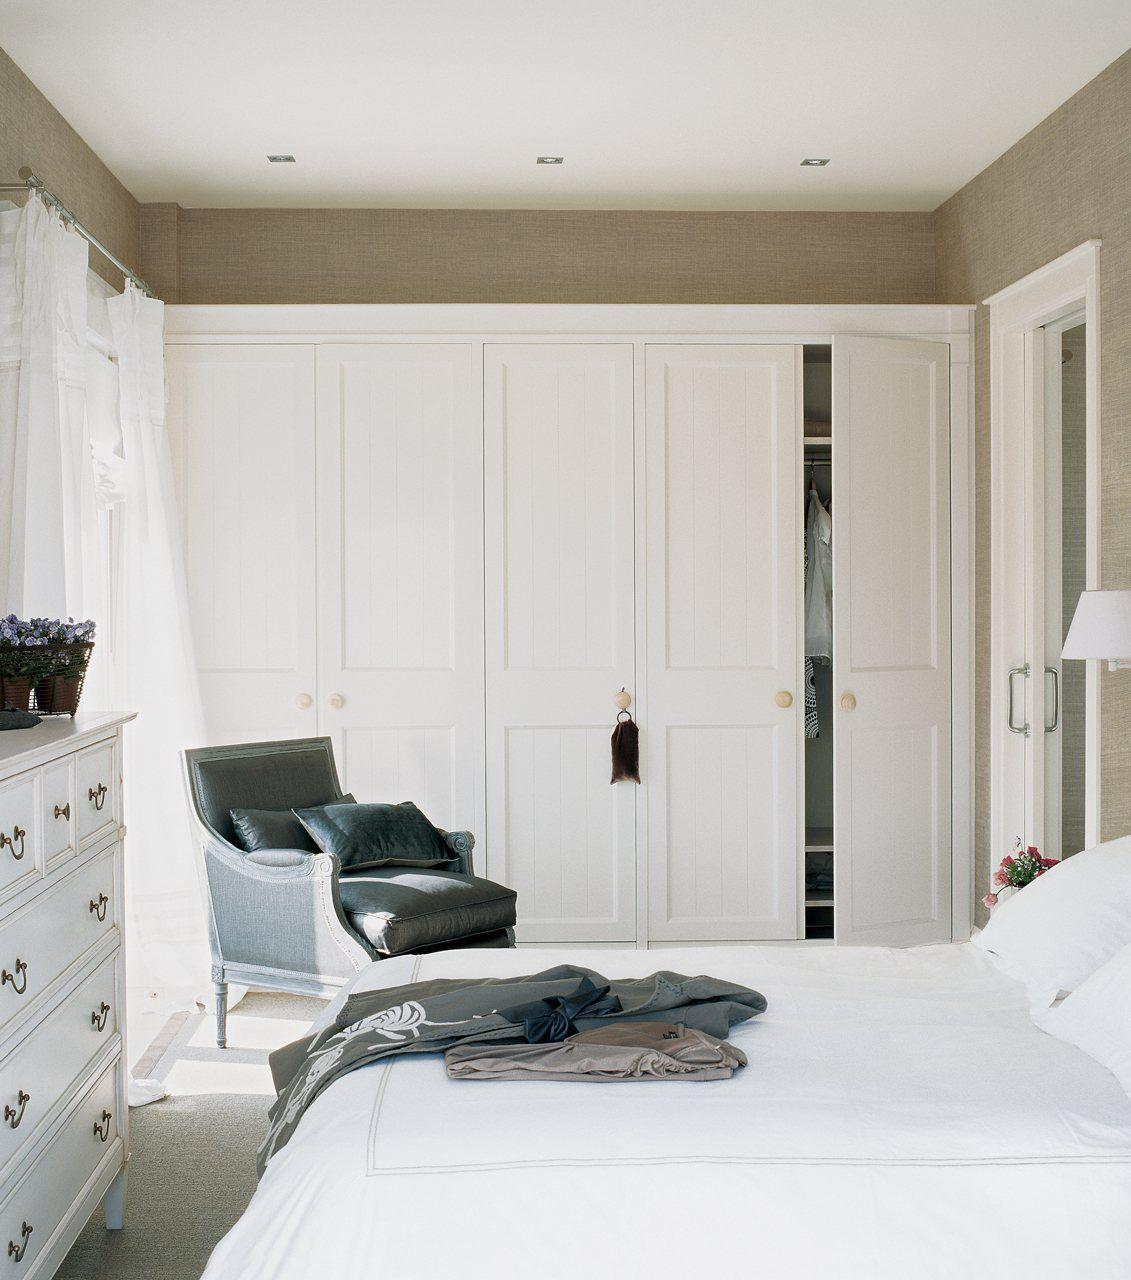 Dormitorios peque os con ideas for Armarios dormitorio matrimonio